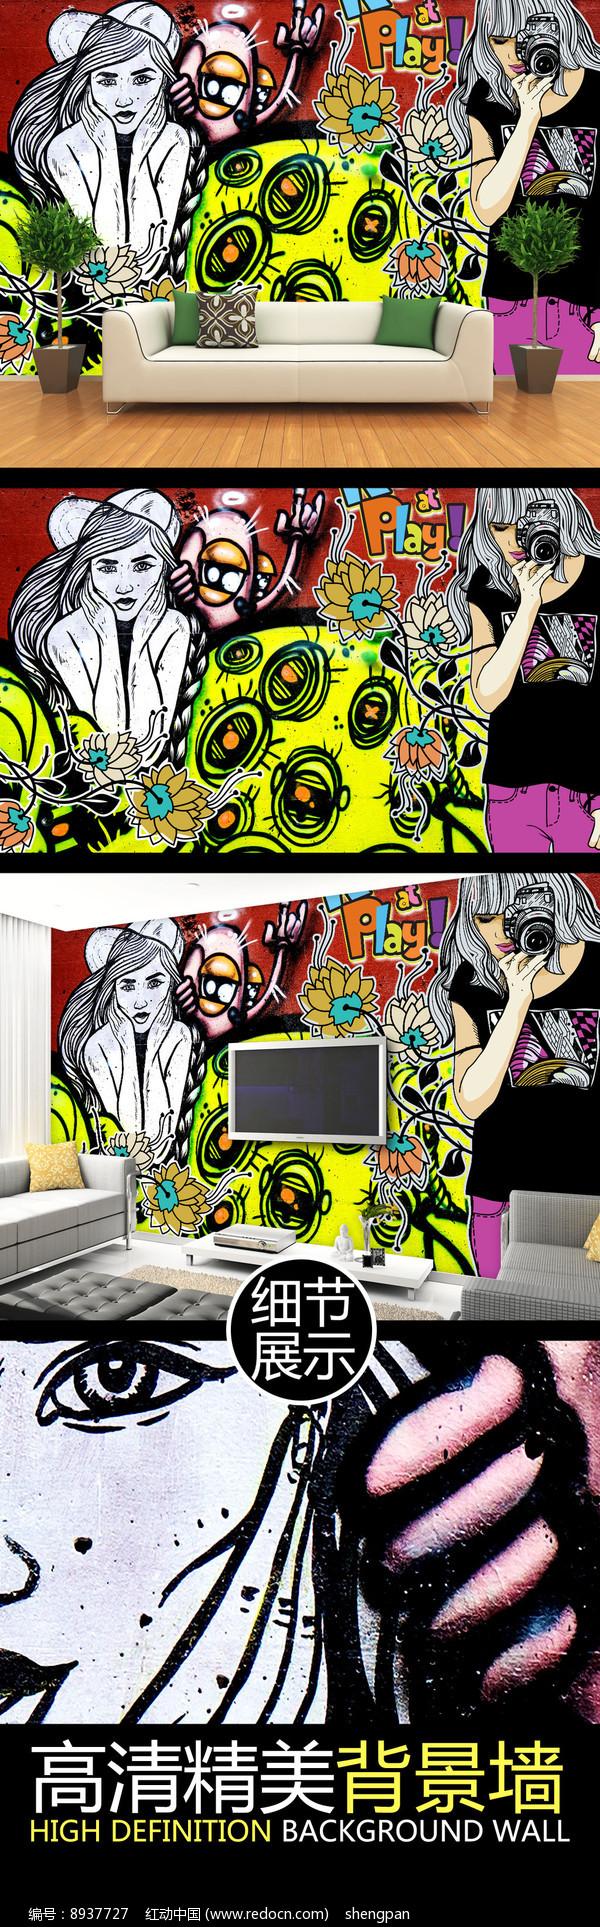 手绘街头涂鸦艺术创意背景墙